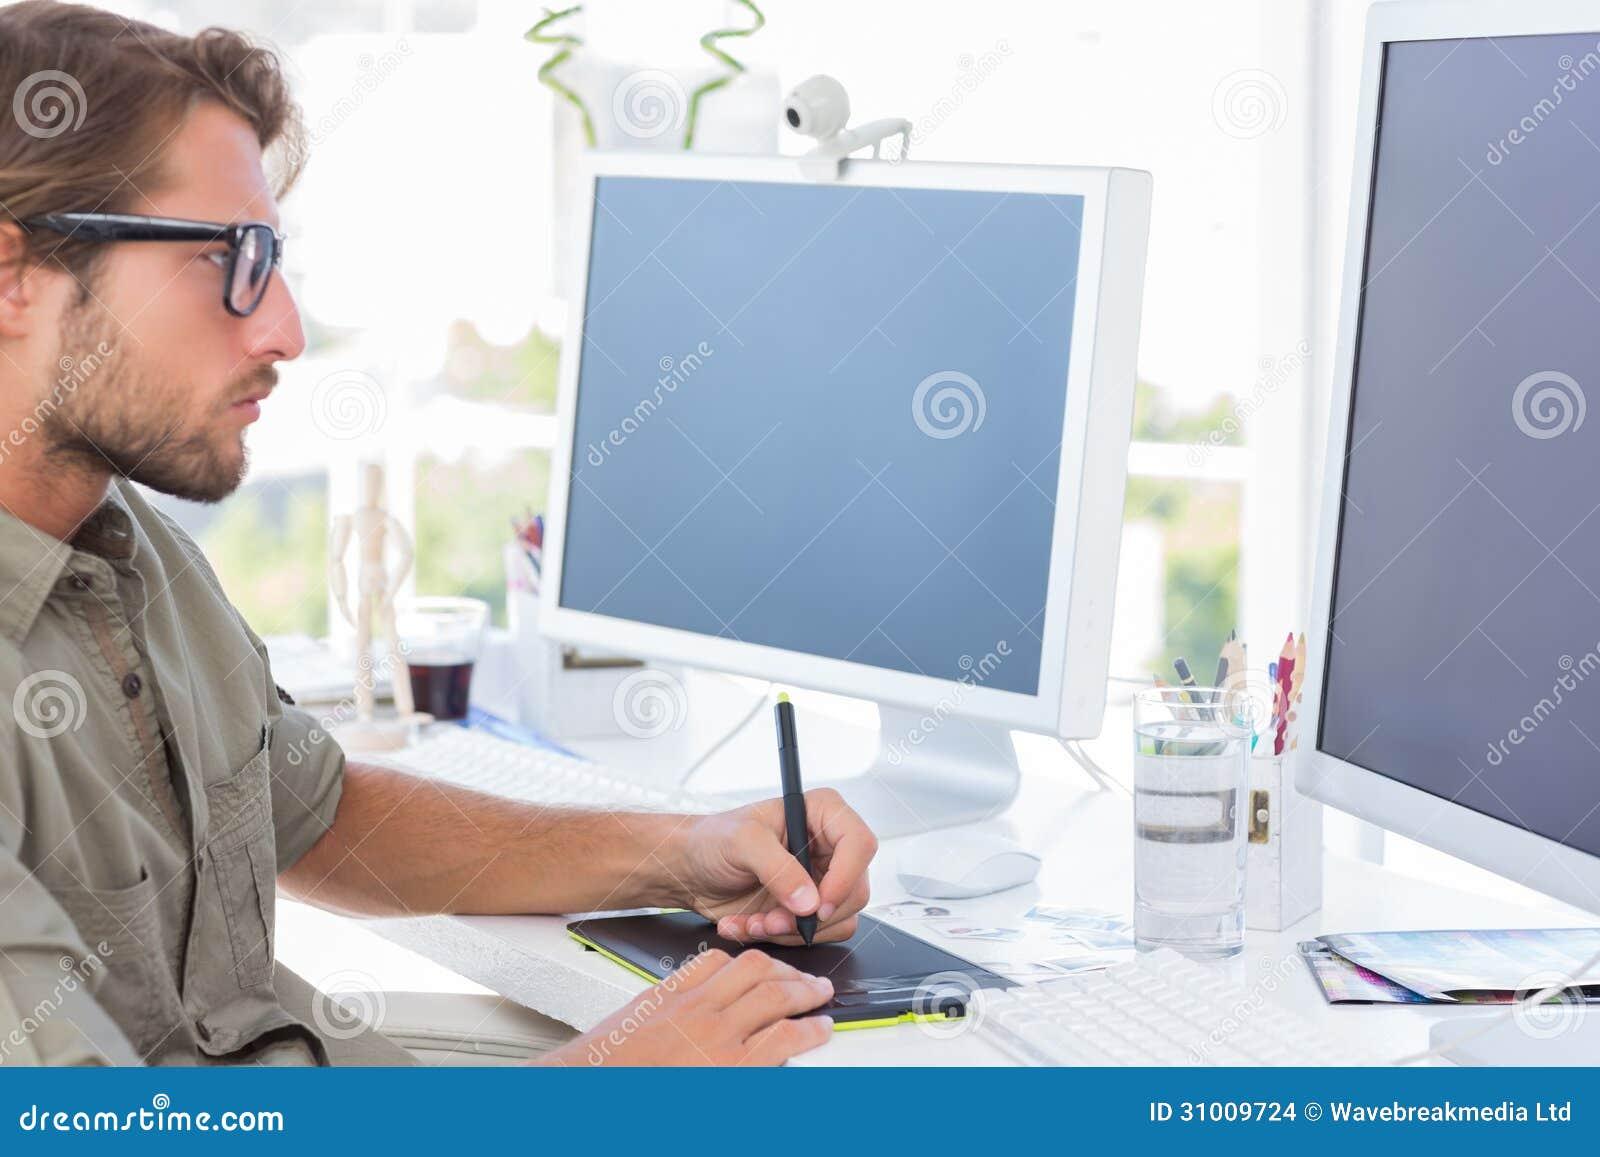 Diseñador gráfico que usa la tableta de gráficos